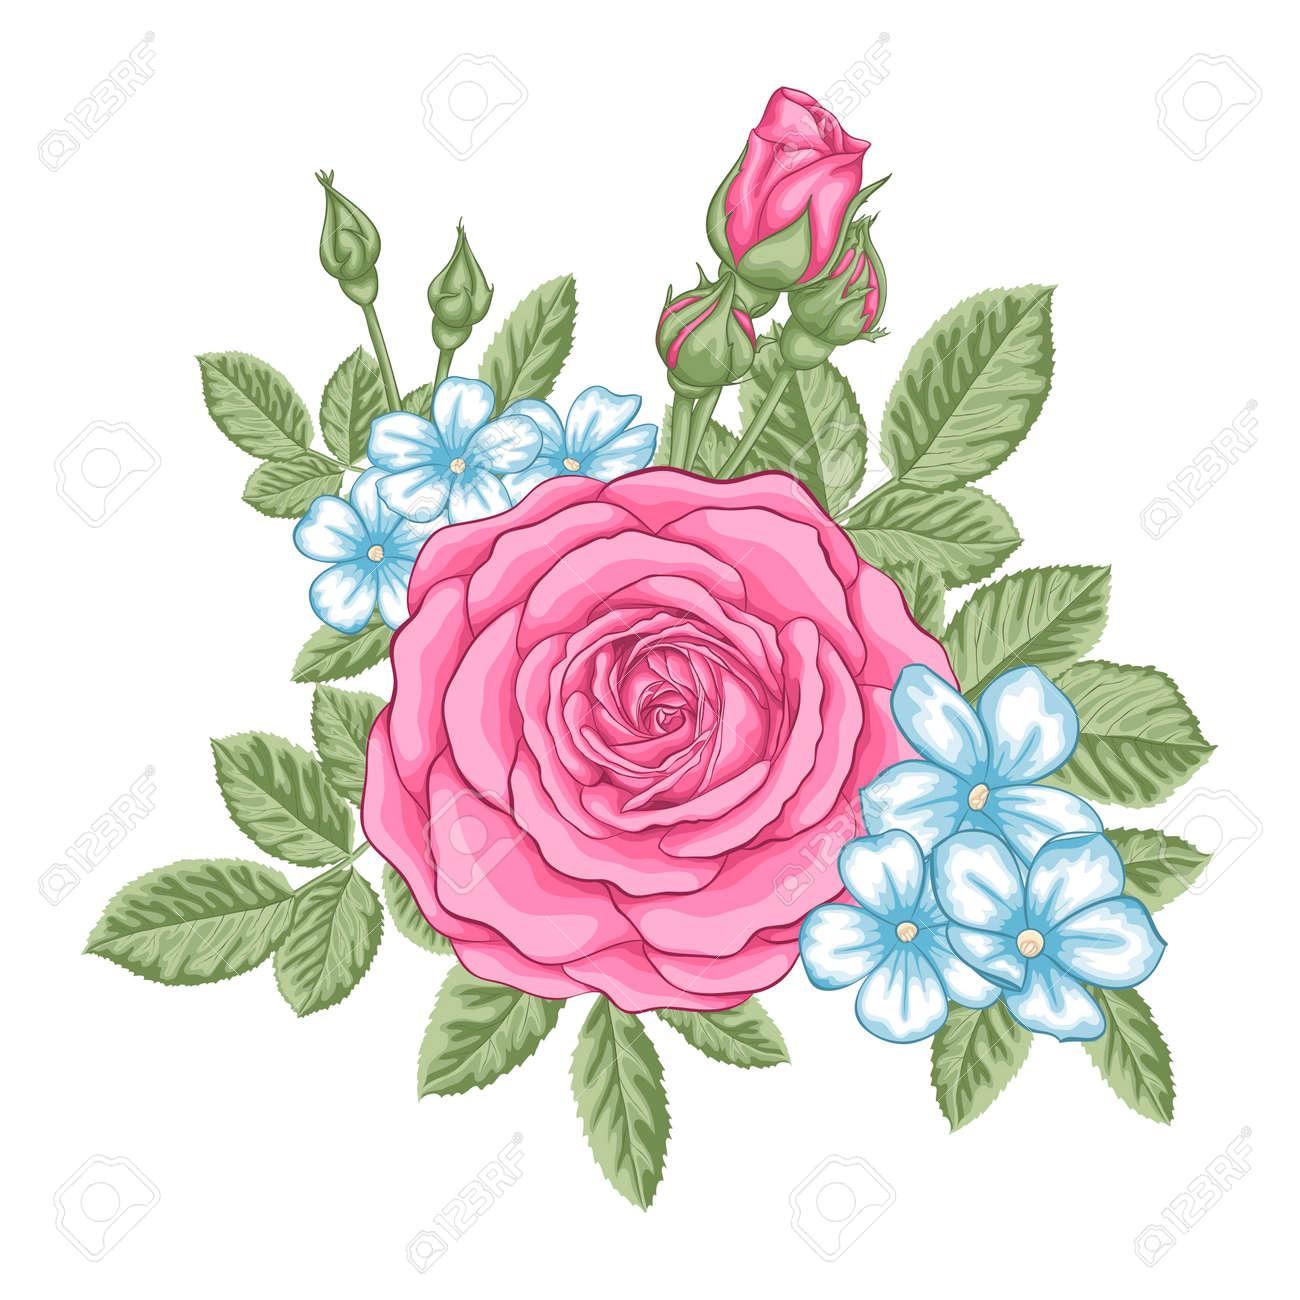 Hermoso Ramo De Rosas Rojas Y Hojas Arreglo Floral Tarjeta De Felicitación Del Diseño Y La Invitación De La Boda Cumpleaños San Valentín El Día